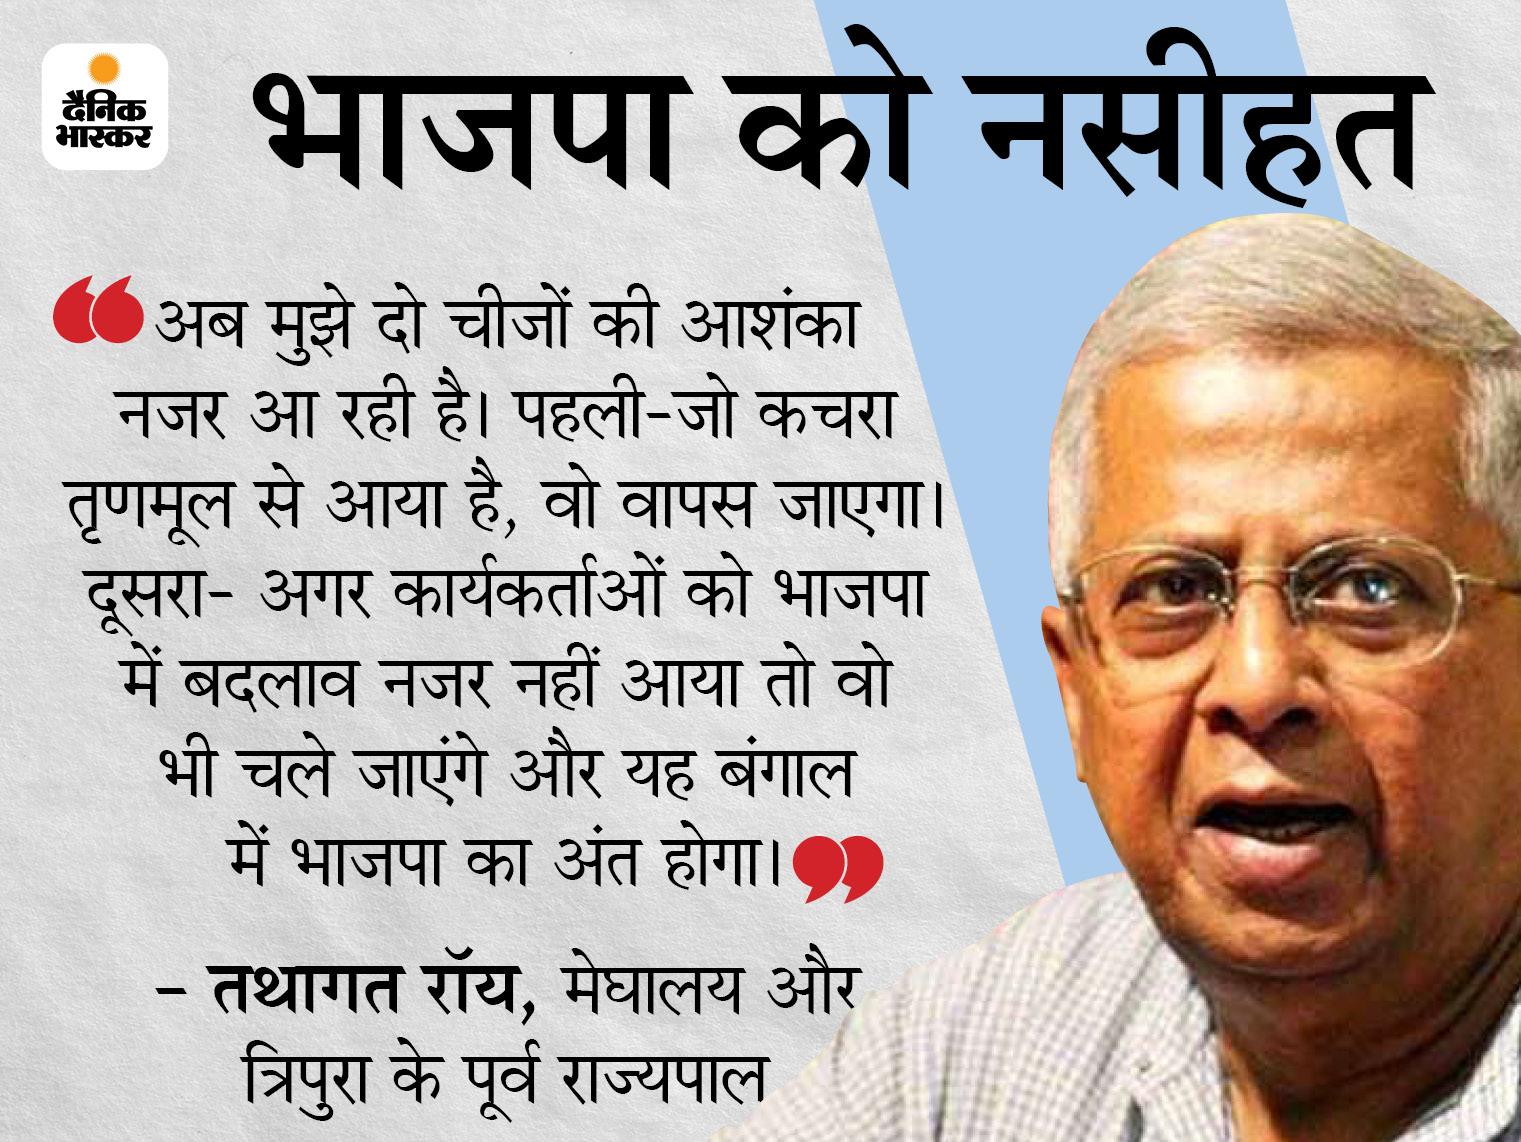 पार्टी के वरिष्ठ नेता तथागत बोले- गलती मोदी-शाह की नहीं; विजयवर्गीय-घोष जिम्मेदार, जिन्होंने तृणमूल के कचरे को टिकट बांटे|देश,National - Dainik Bhaskar